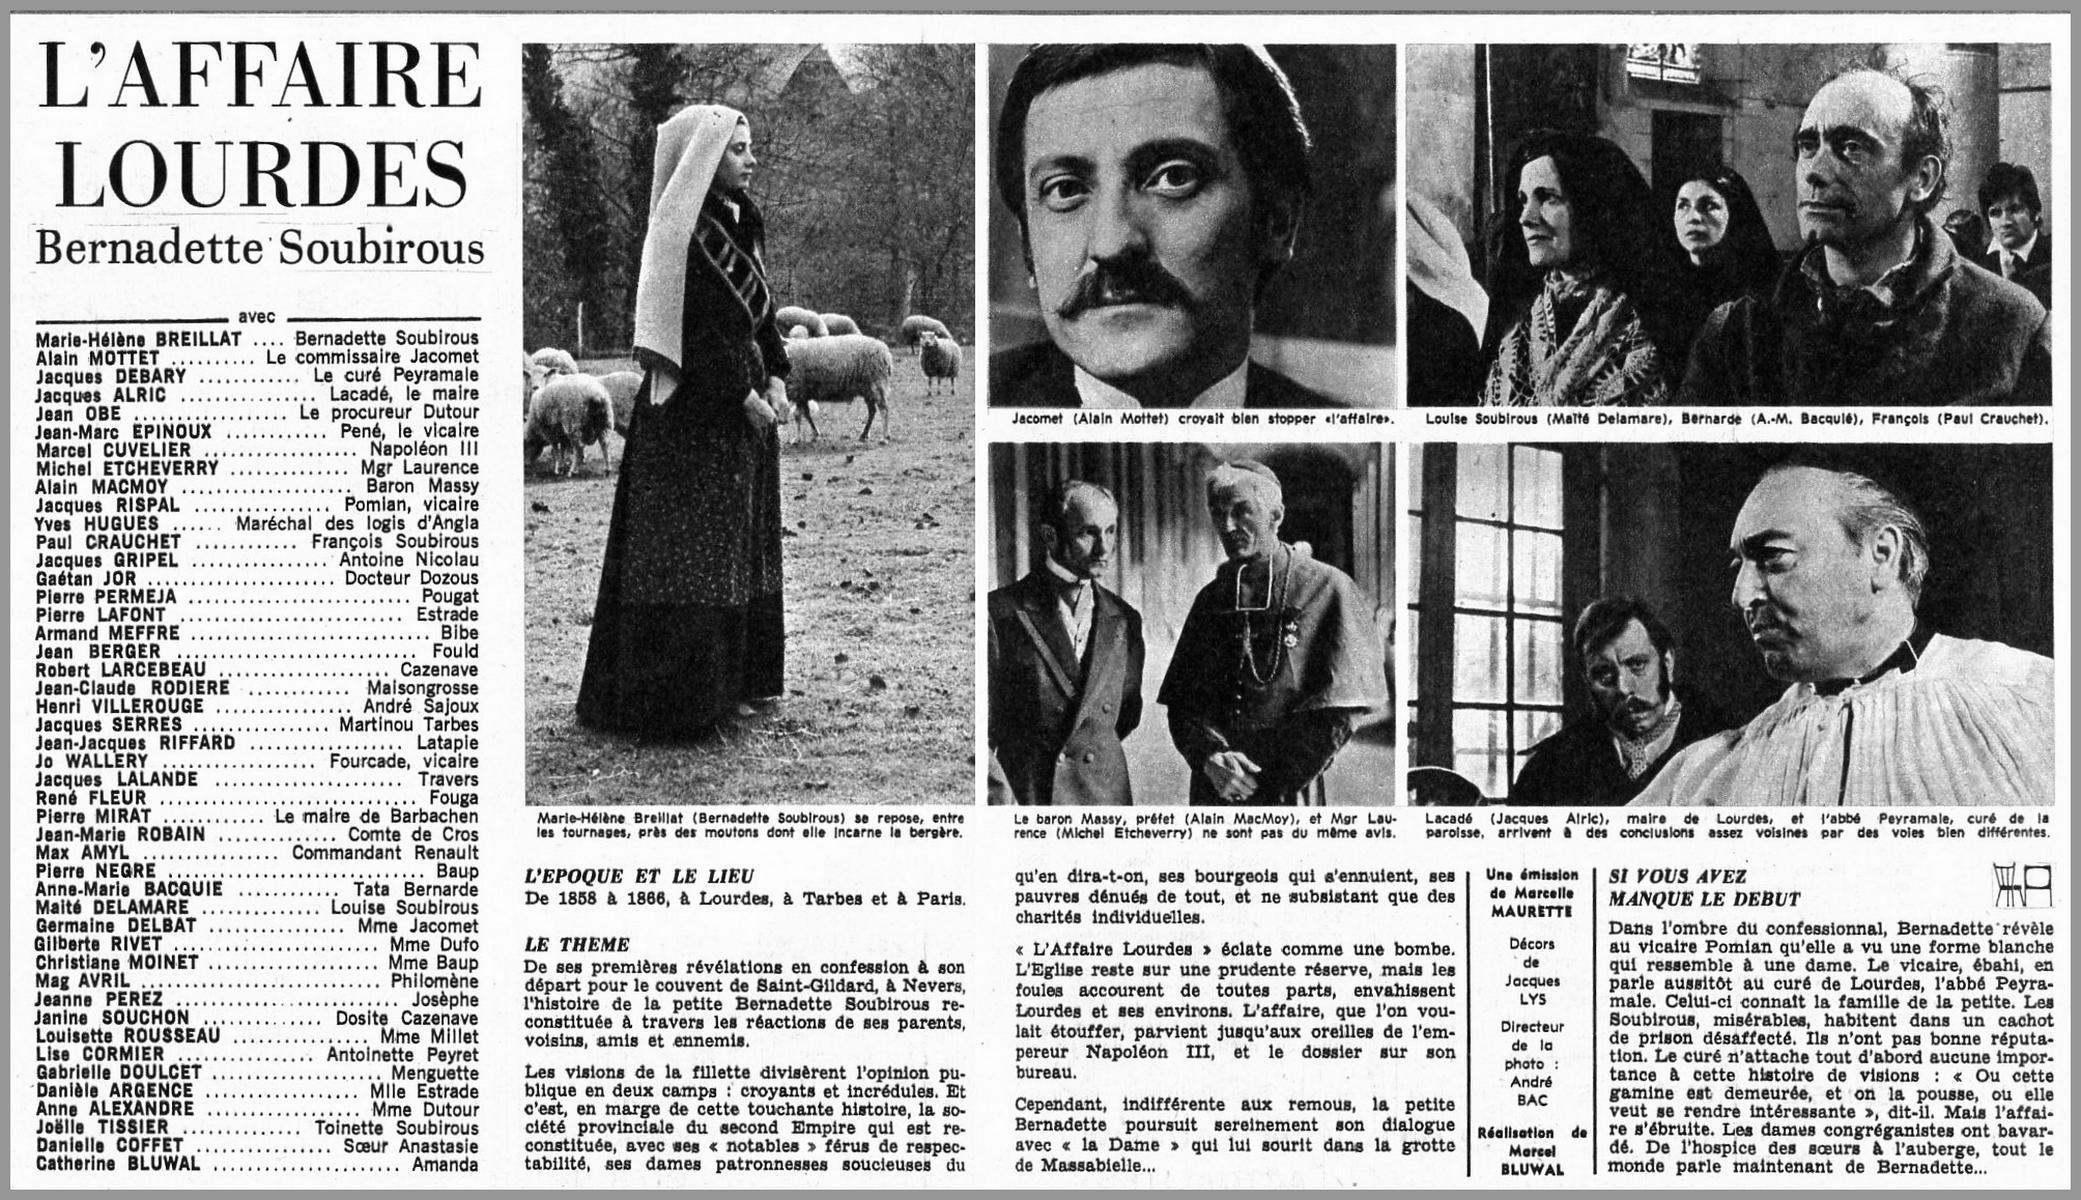 A TÉLÉCHARGER BERNADETTE FILM DE GRATUIT SOUBIROU